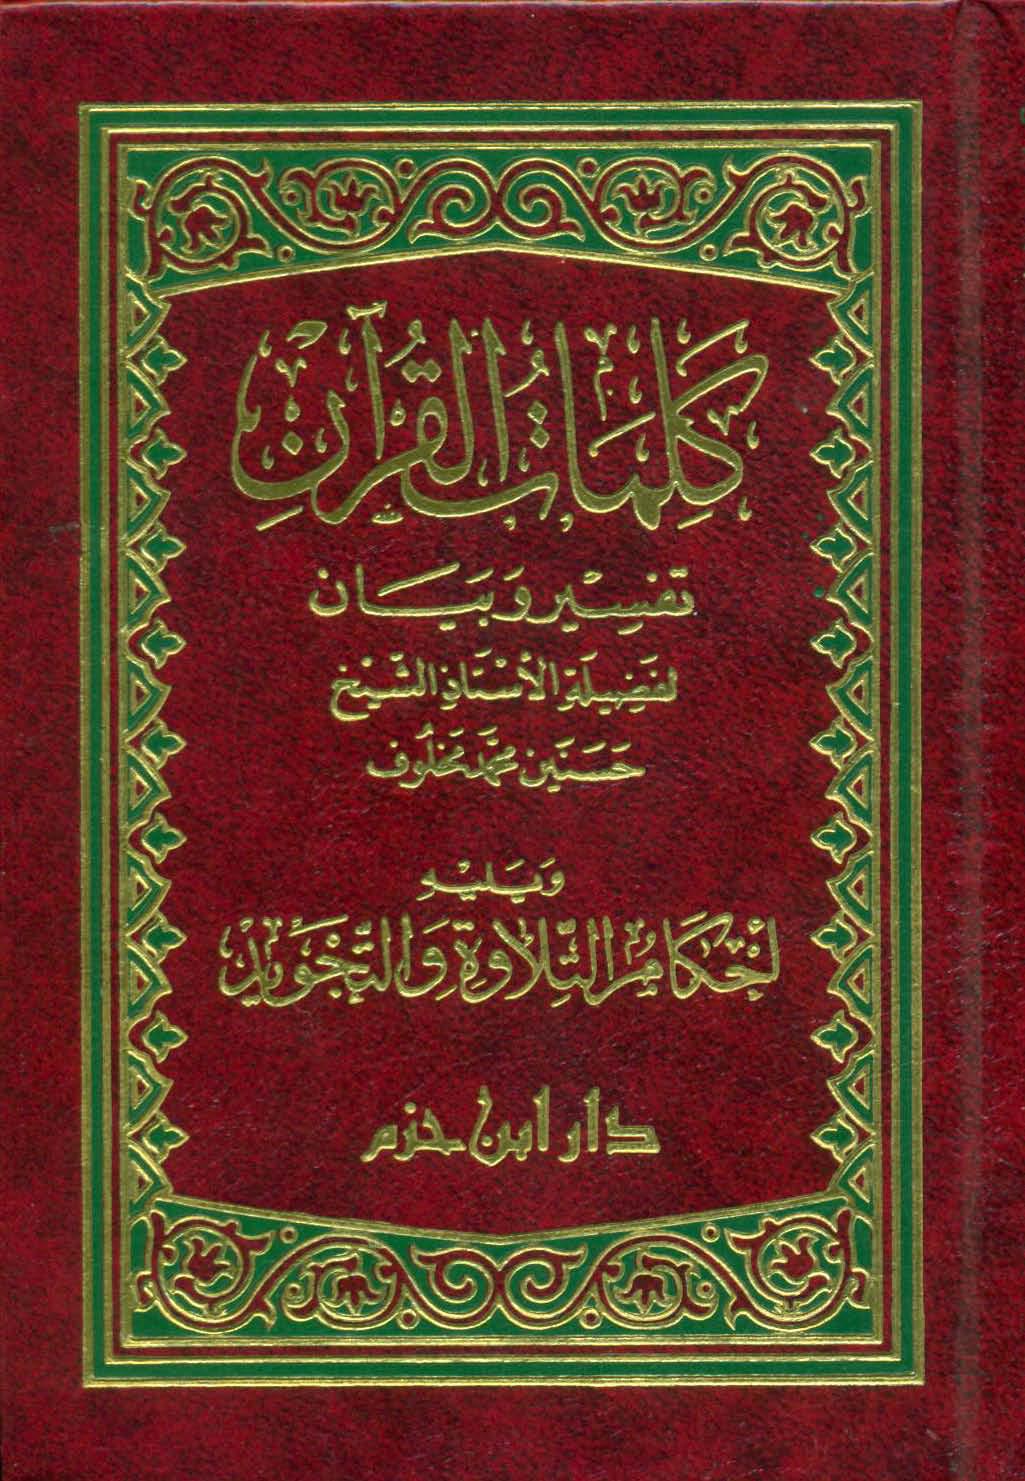 تحميل كتاب كلمات القرآن للشيخ حسنين محمد مخلوف pdf